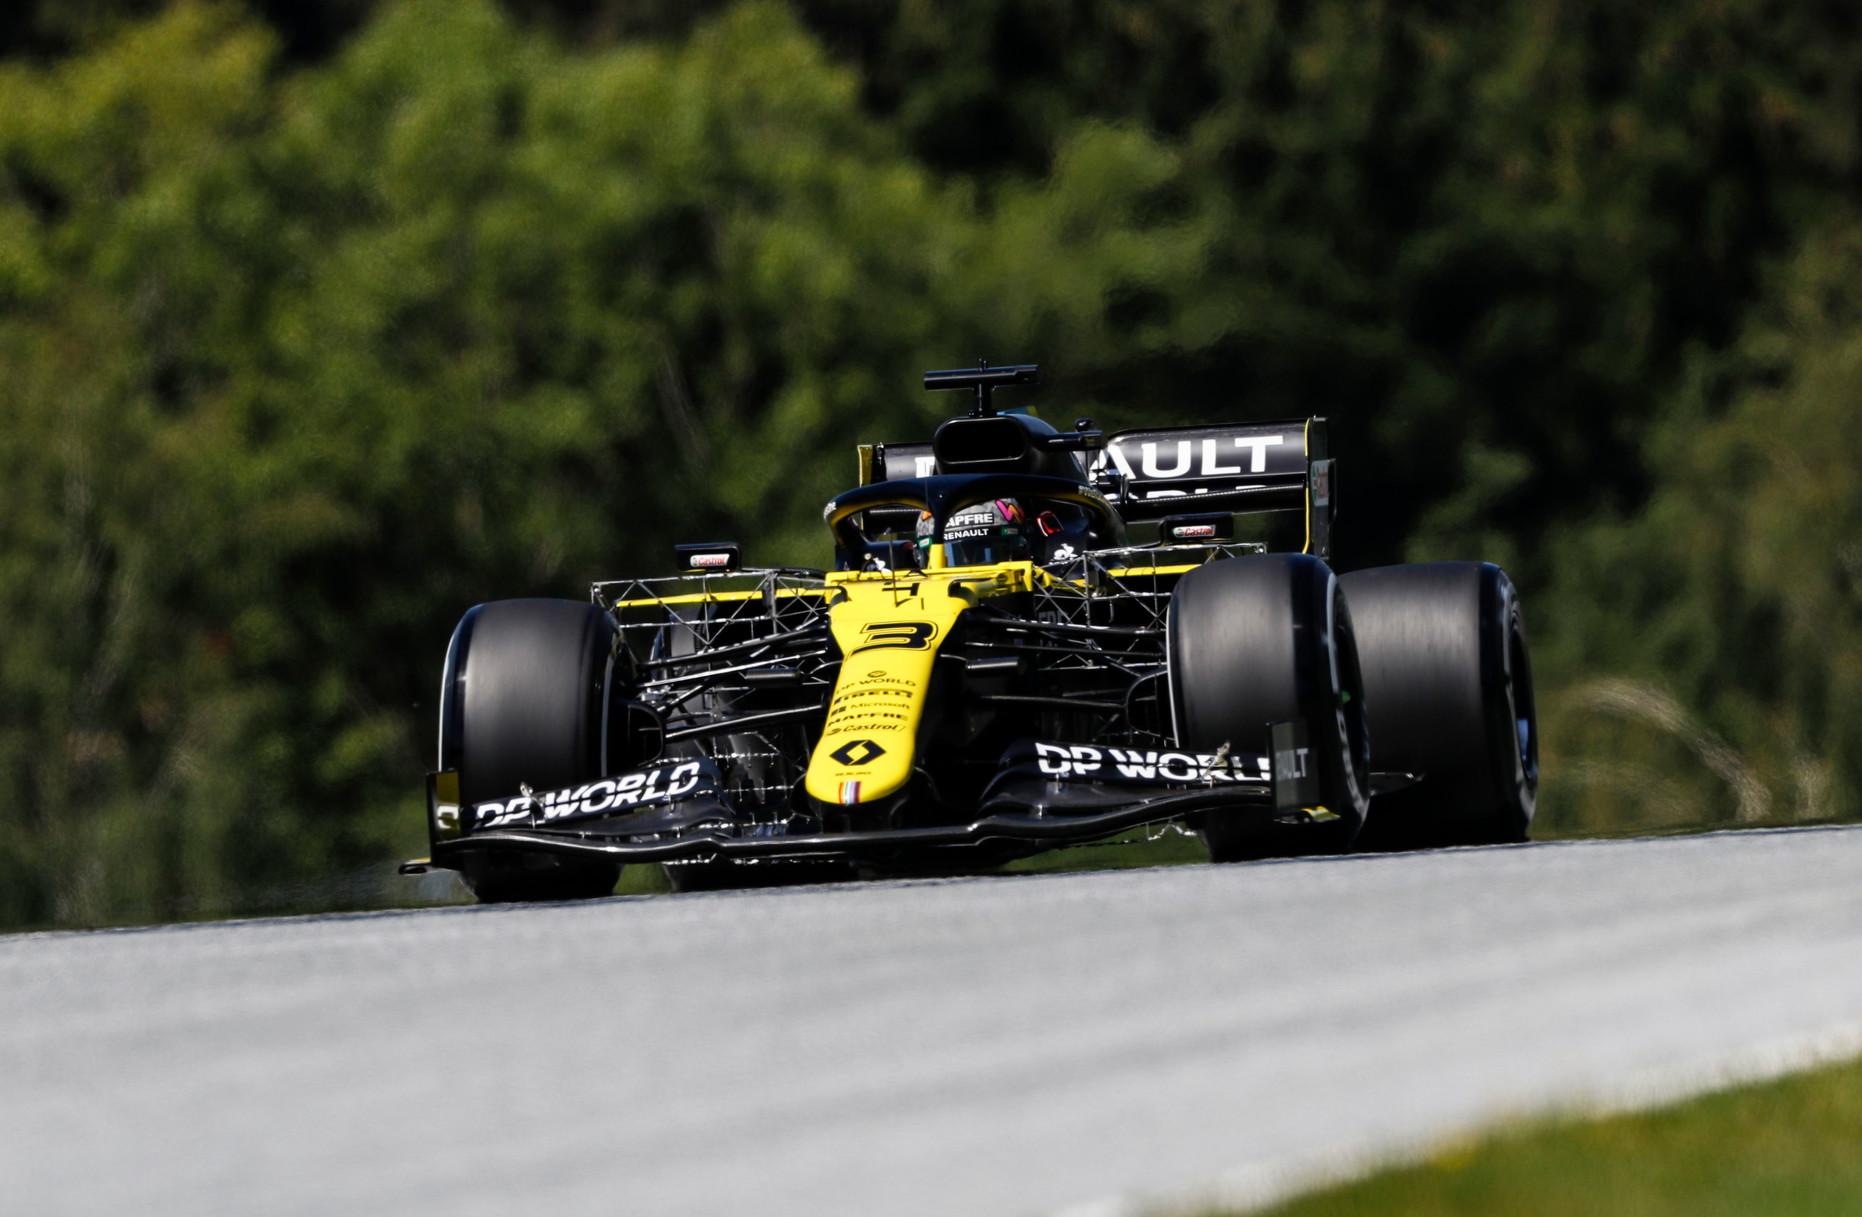 Piloti in pista, per la seconda settimana di fila, a Spielberg. Via alle libere del GP della Stiria, occhi puntati su Verstappen e le Ferrari.